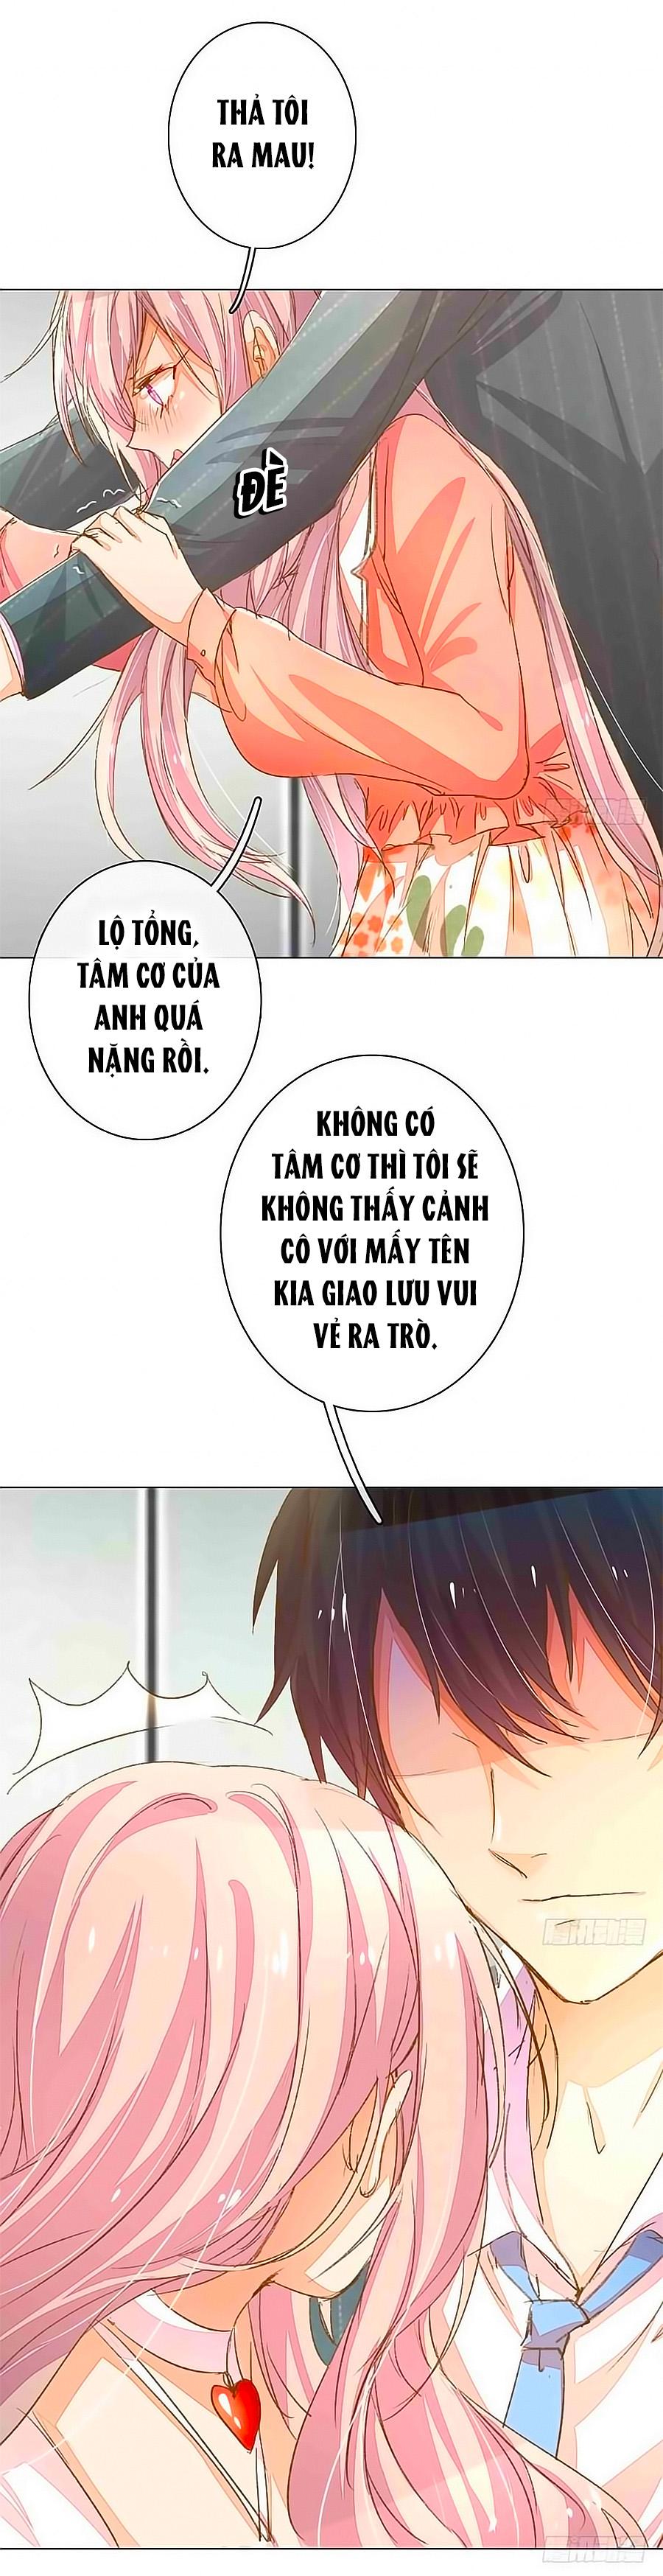 Hào Môn Tiểu Lãn Thê Chap 50 - Trang 2